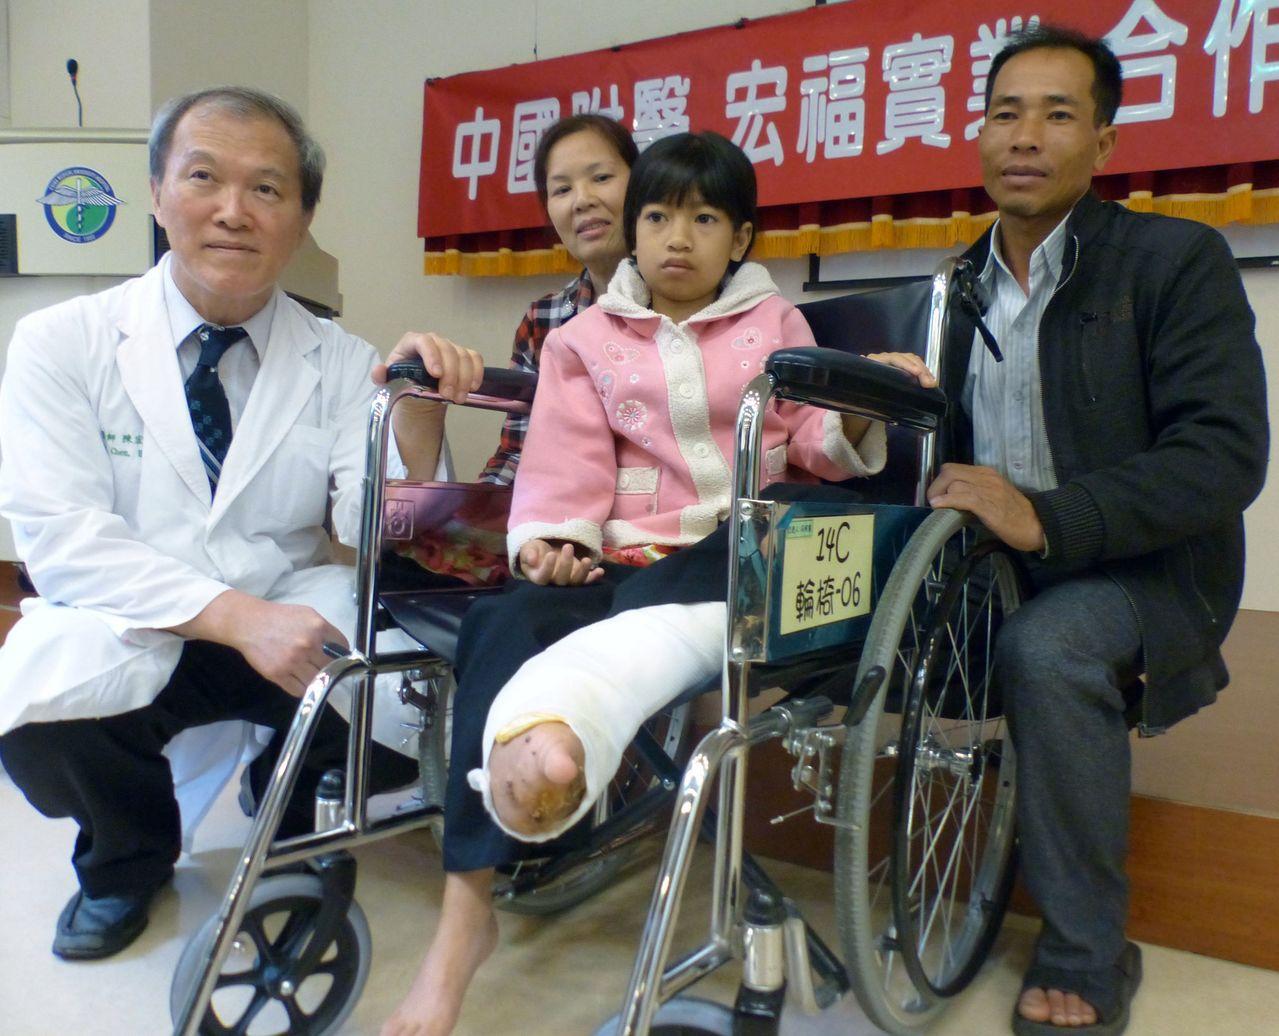 中國附醫結合台商慈善贊助治療越南象腿女孩阮氏巒(右二)為題材的「阿巒的作文課」短...